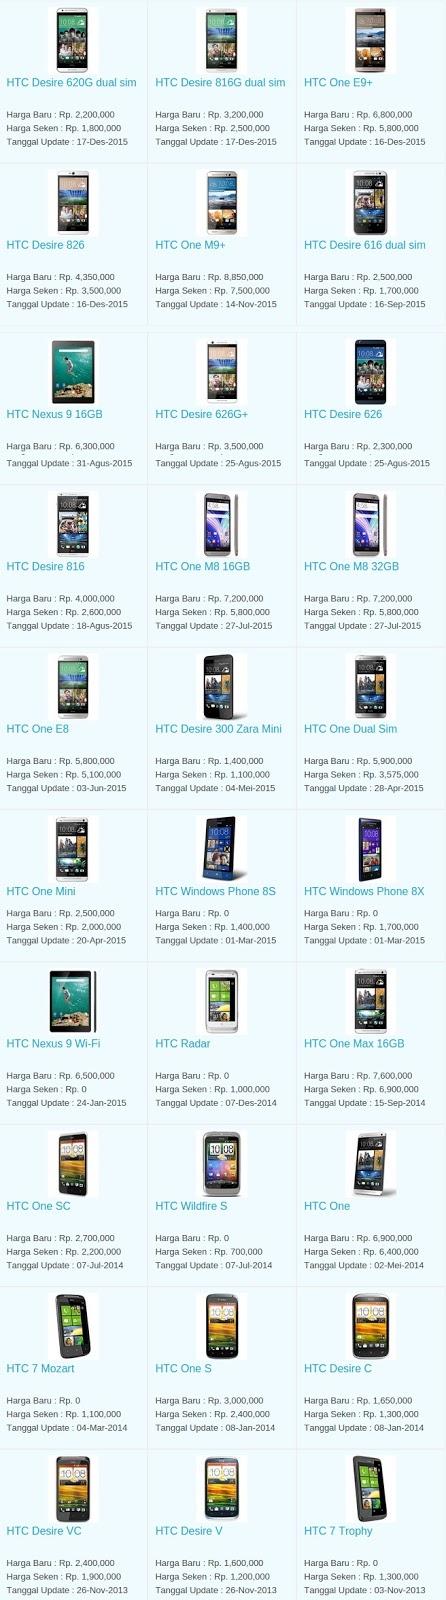 Daftar Harga Hp HTC Februari 2016